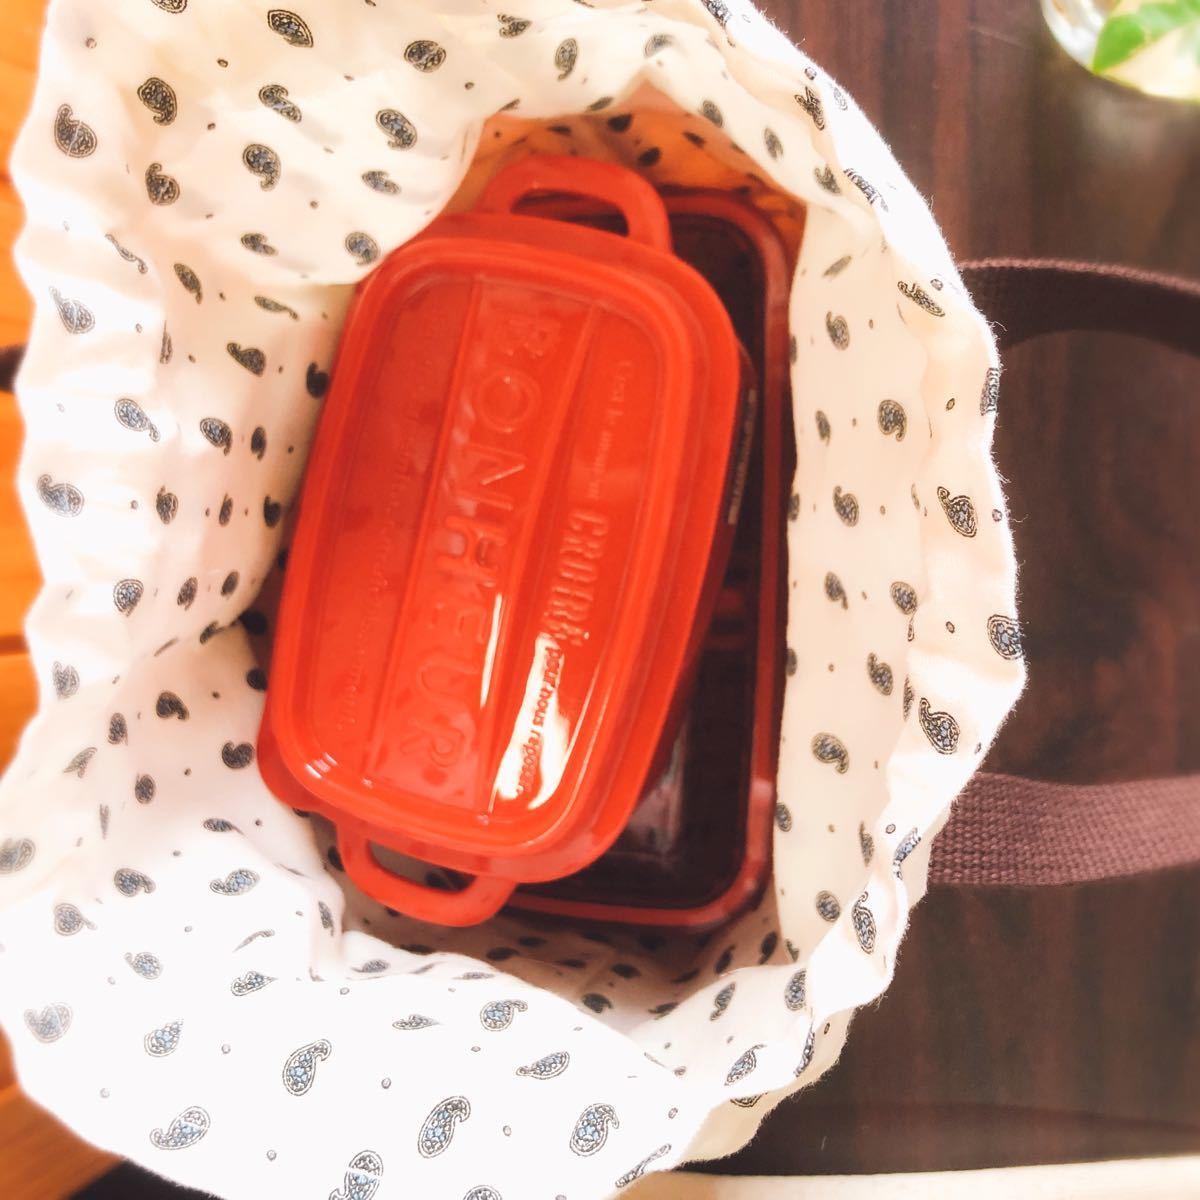 ハンドメイド 持ち手付きランチバッグ カゴ風 かごバッグ トートバッグ ハンドメイド